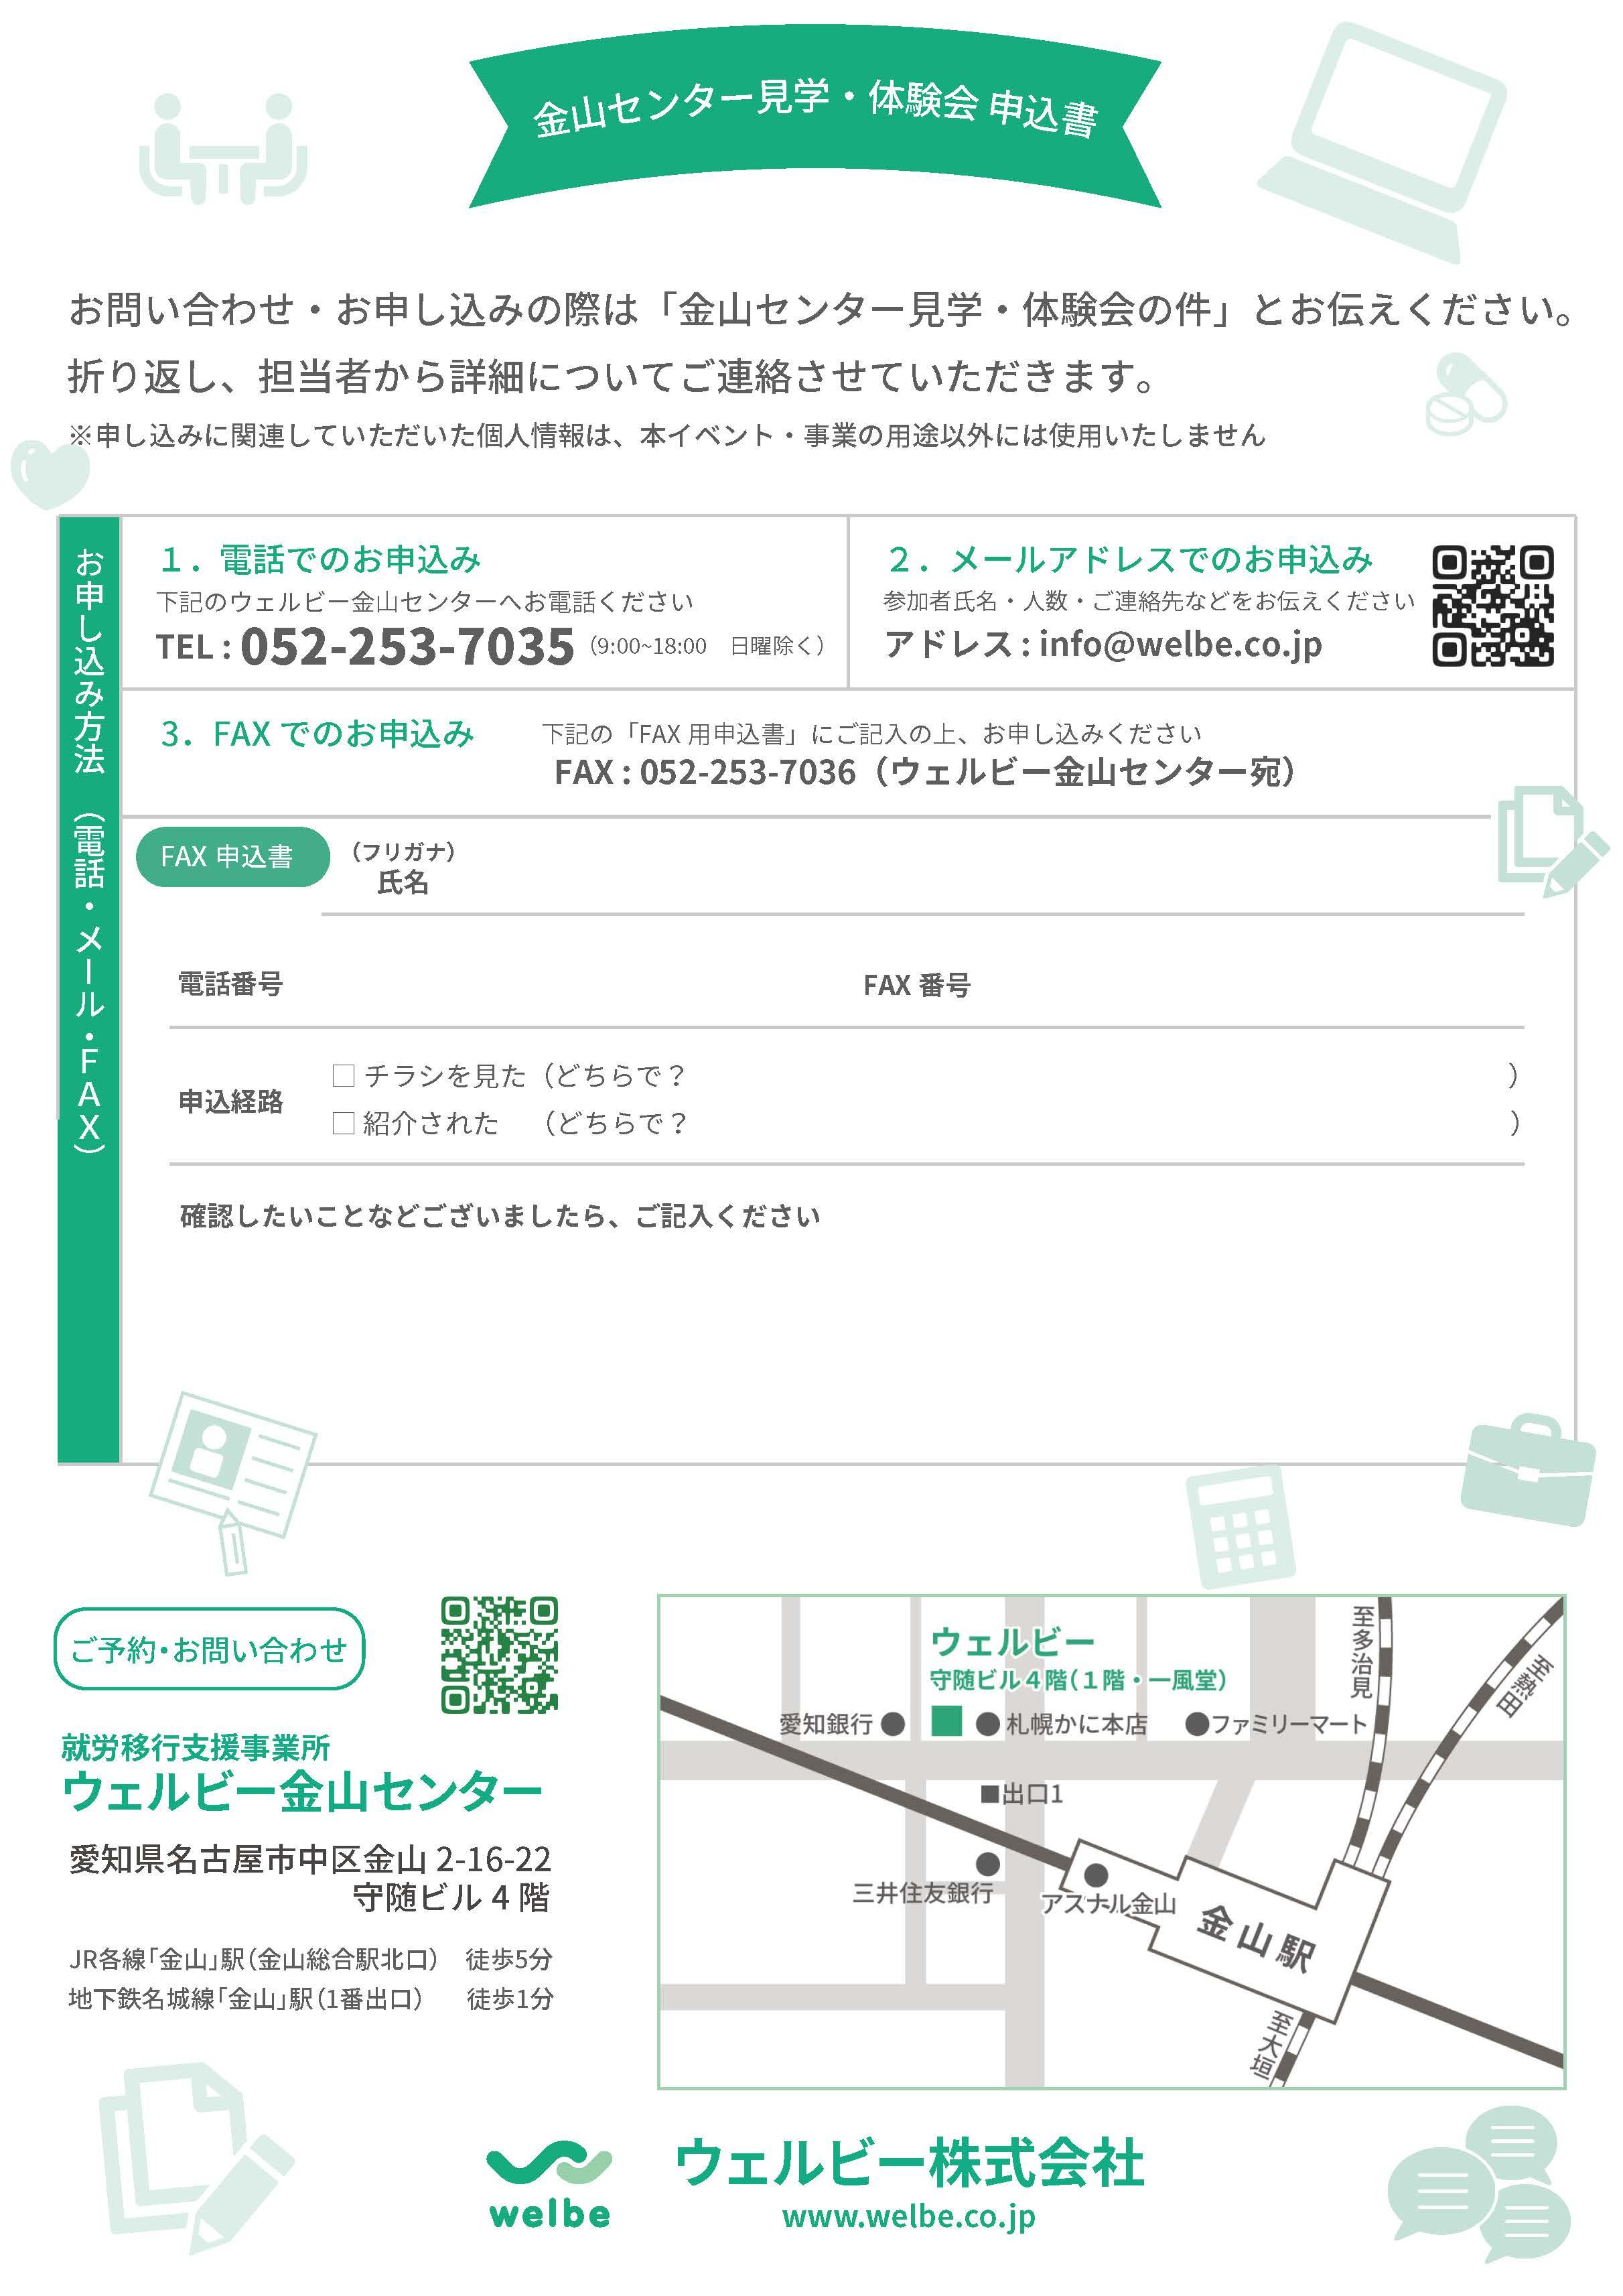 【金山】イベントカラー版_0308_ページ_2